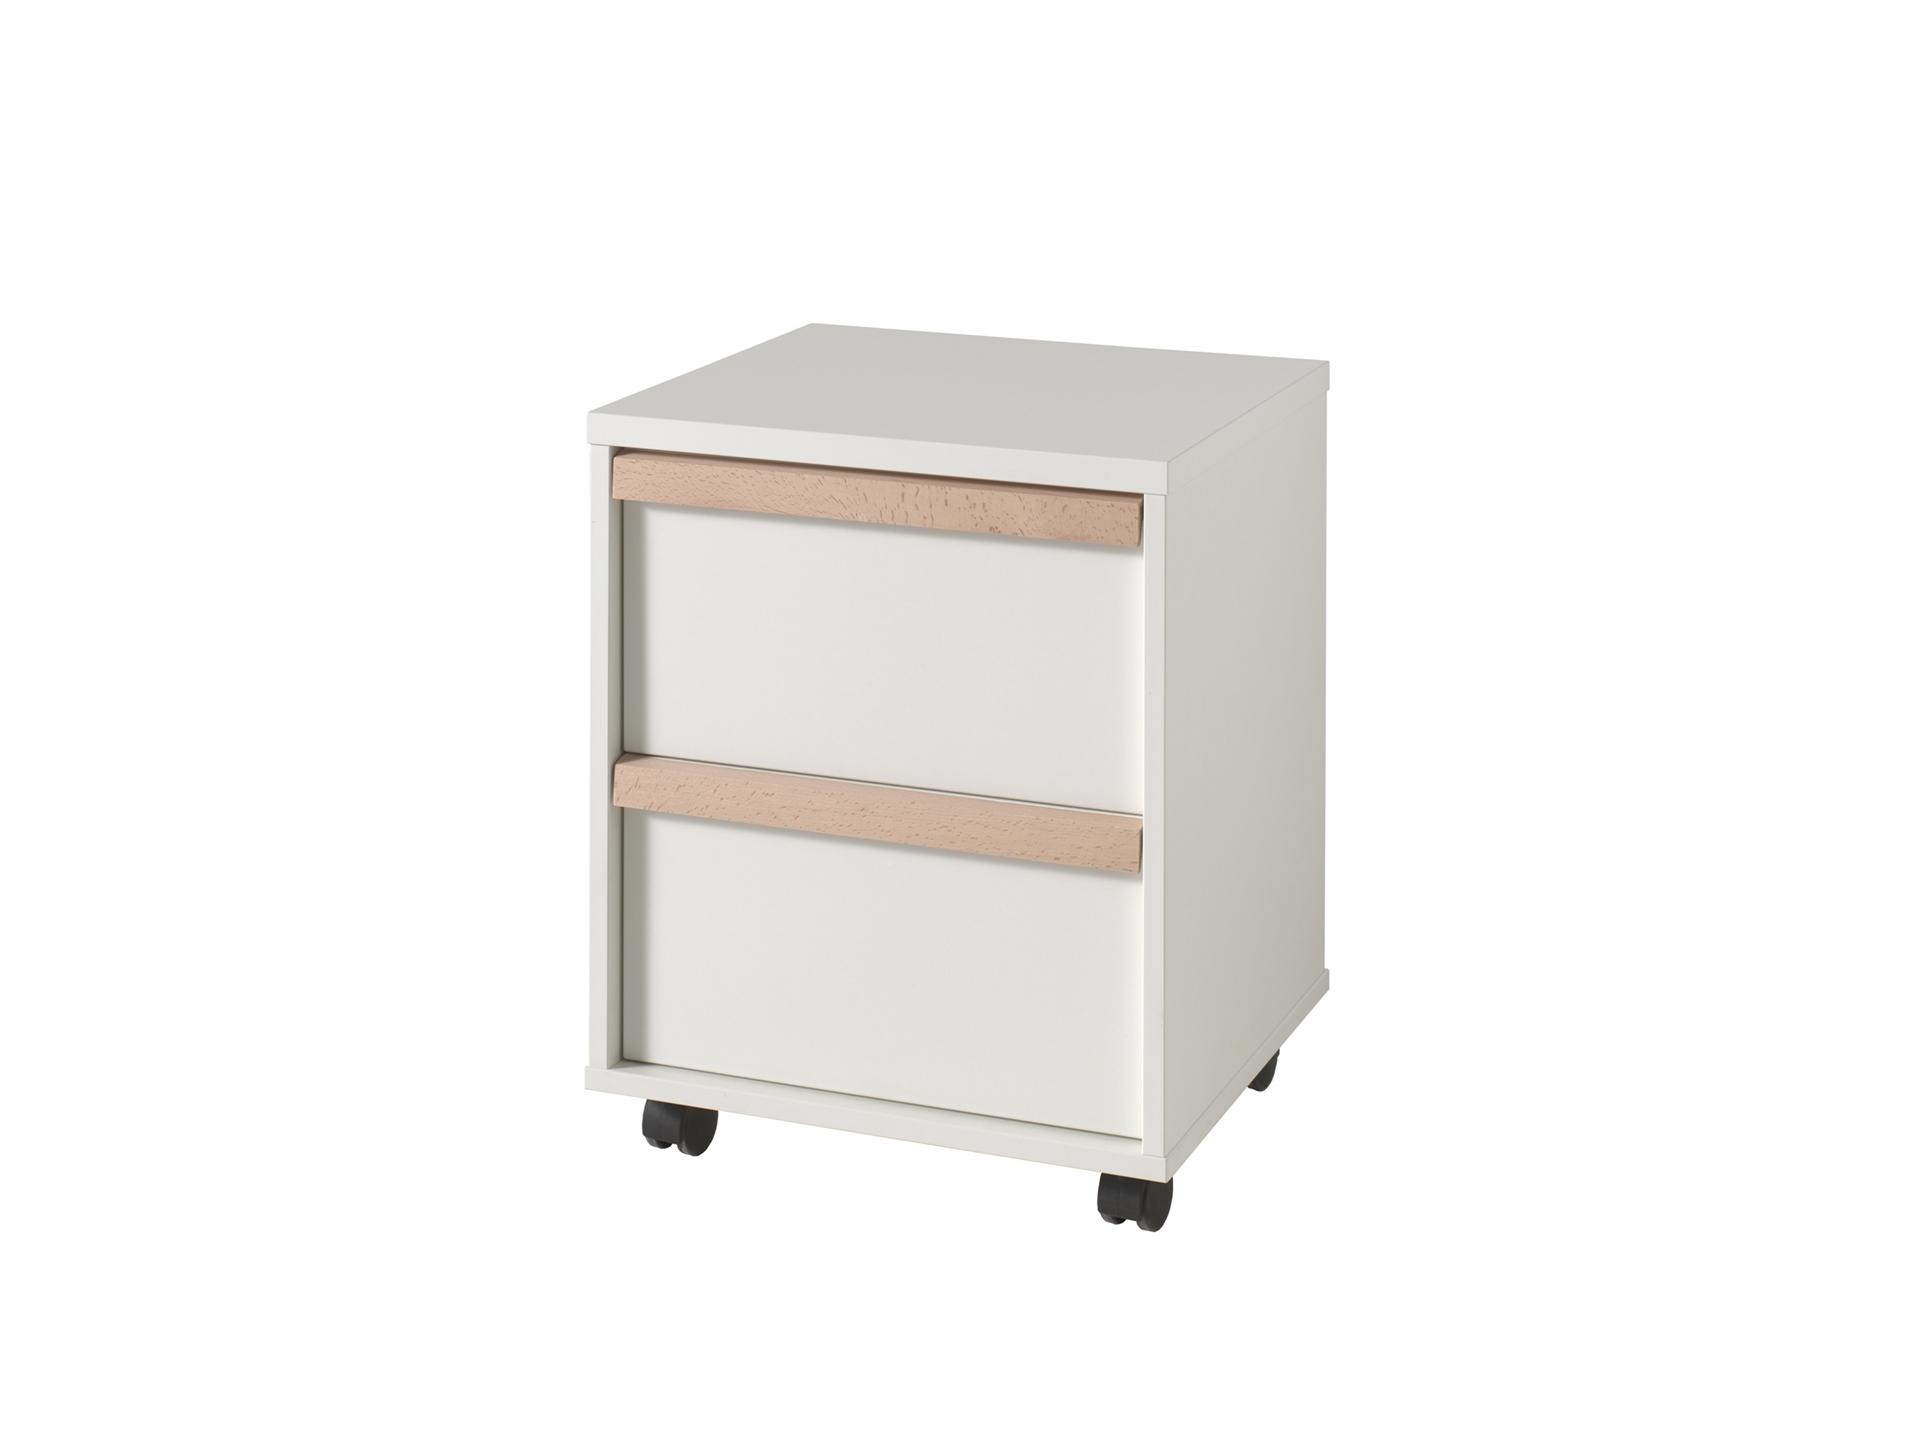 Cabinet din lemn de fag si pal, pe rotile cu 2 sertare pentru copii London Alb / Natural, l48,1xA44xH60 cm poza